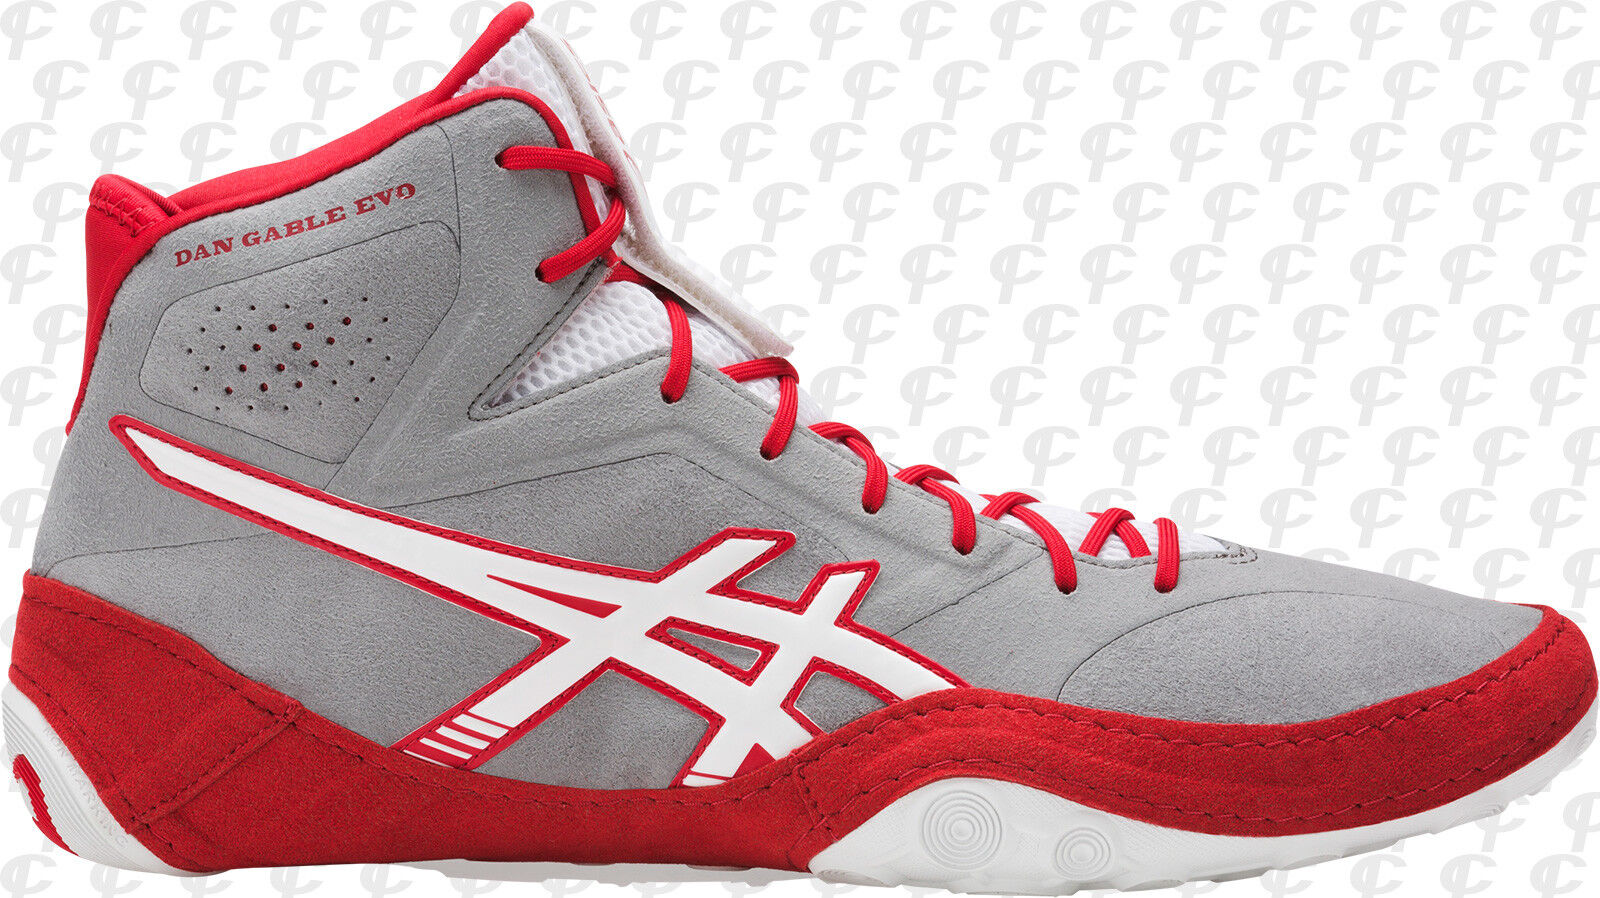 Nuevos Zapatos Asics Dan Gable EVO Lucha Libre Adulto Tallas US gris blancoo Rojo J700Y-9601